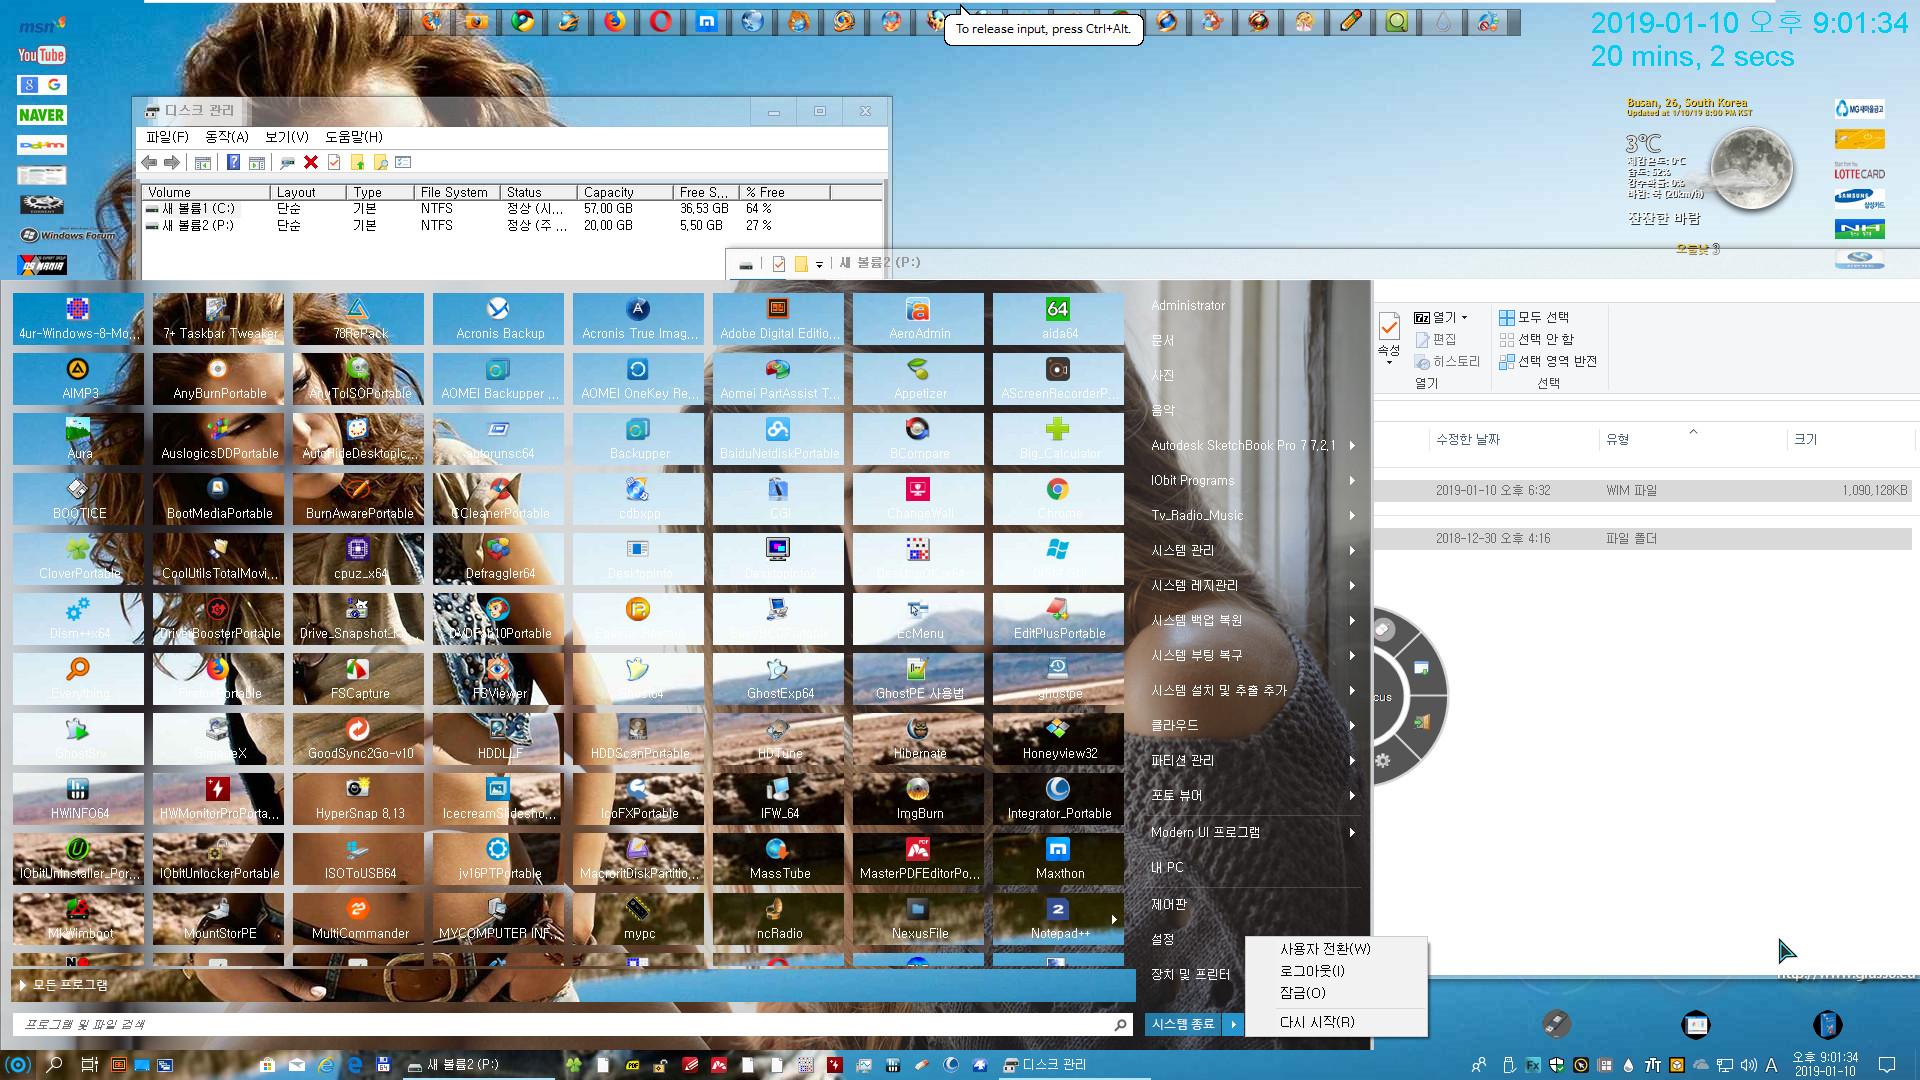 태풍OO님 Win10_Rs5_pArAoTPg35_윈도와PE의프로그램들공유-vhd만들어서vmware에연결 2019-01-10_210135.jpg